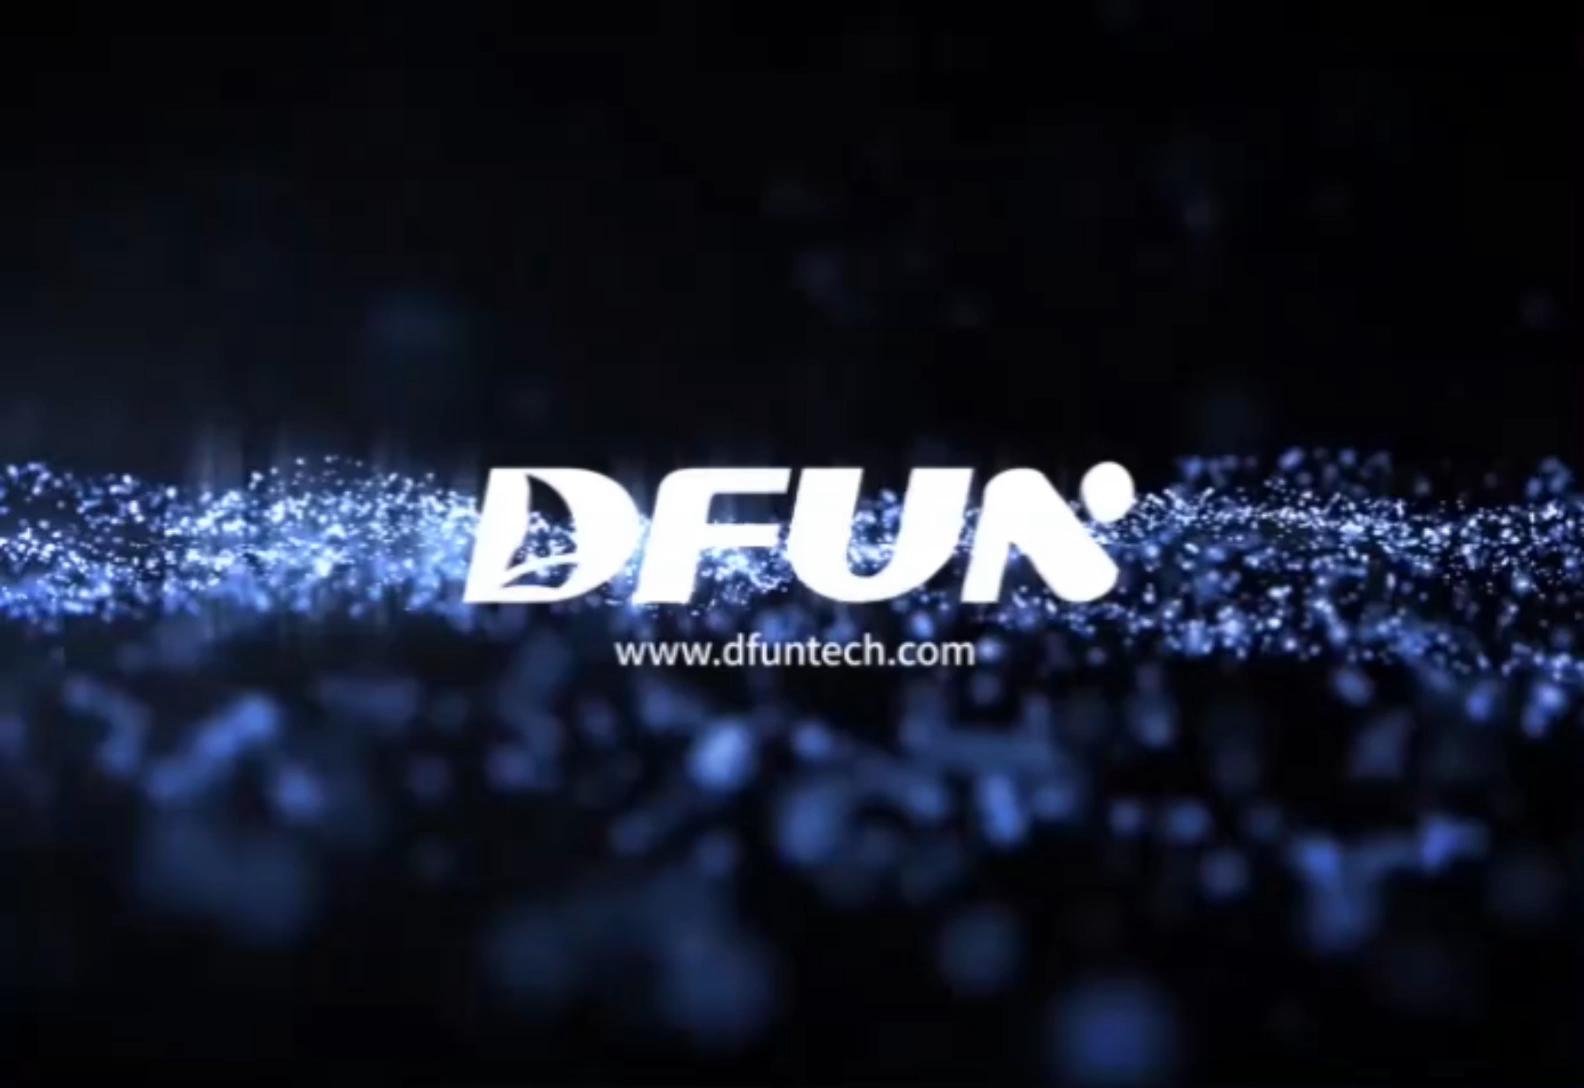 DFUN बीएमएस Vrla बैटरी मॉनिटर समाधान के लिए 2 V/6 V/12 V डाटा केंद्र यूपीएस लीड एसिड बैटरी की निगरानी प्रणाली